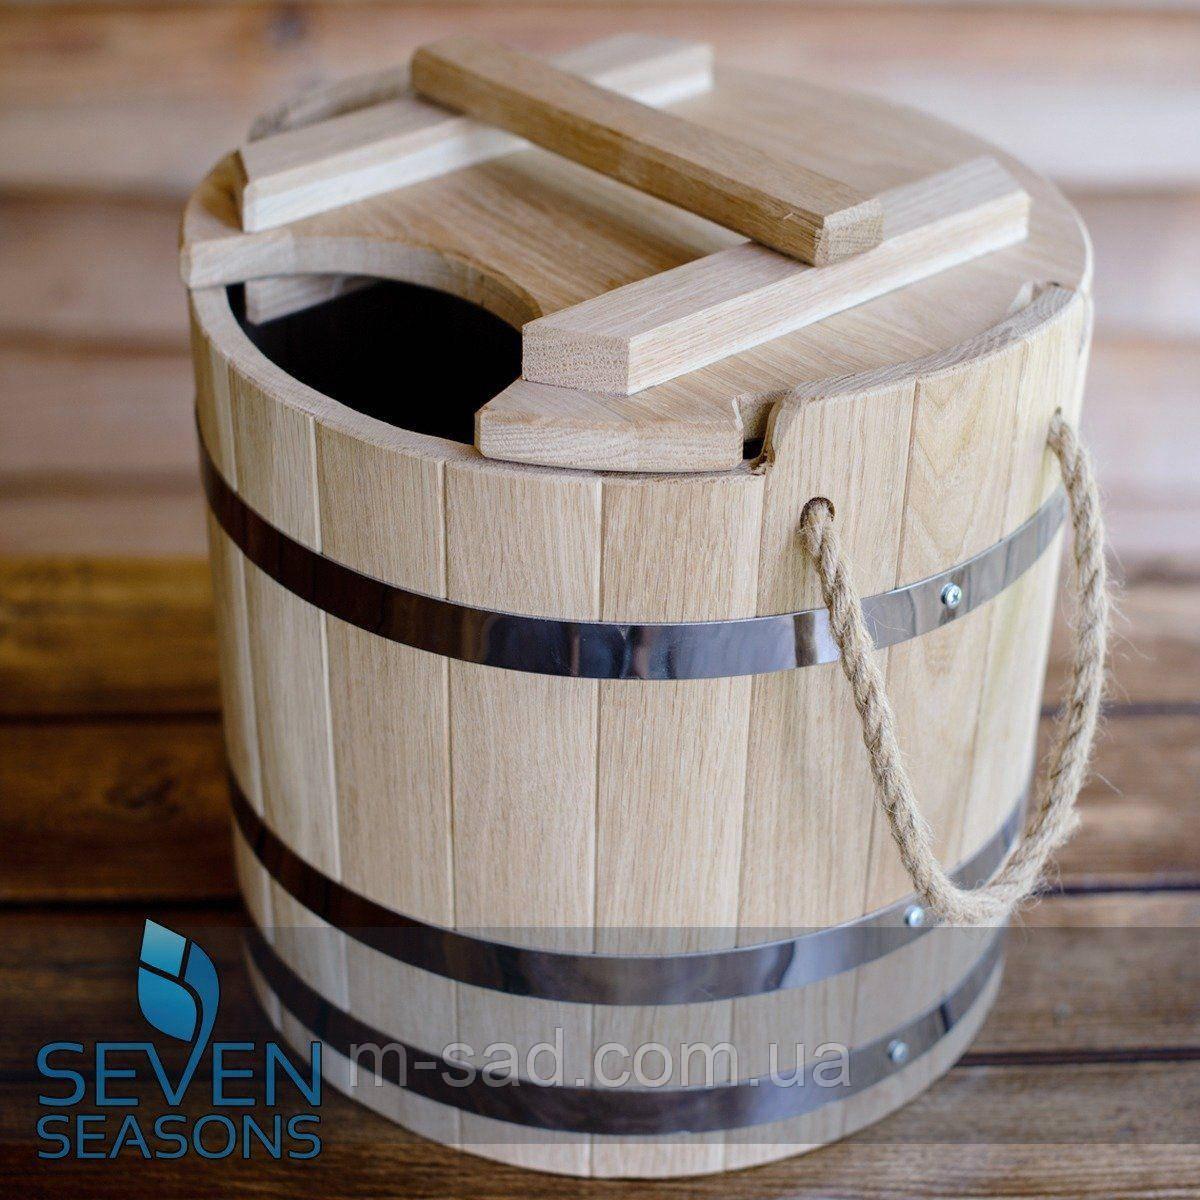 Запарник для веников Seven Seasons™, 15 литров